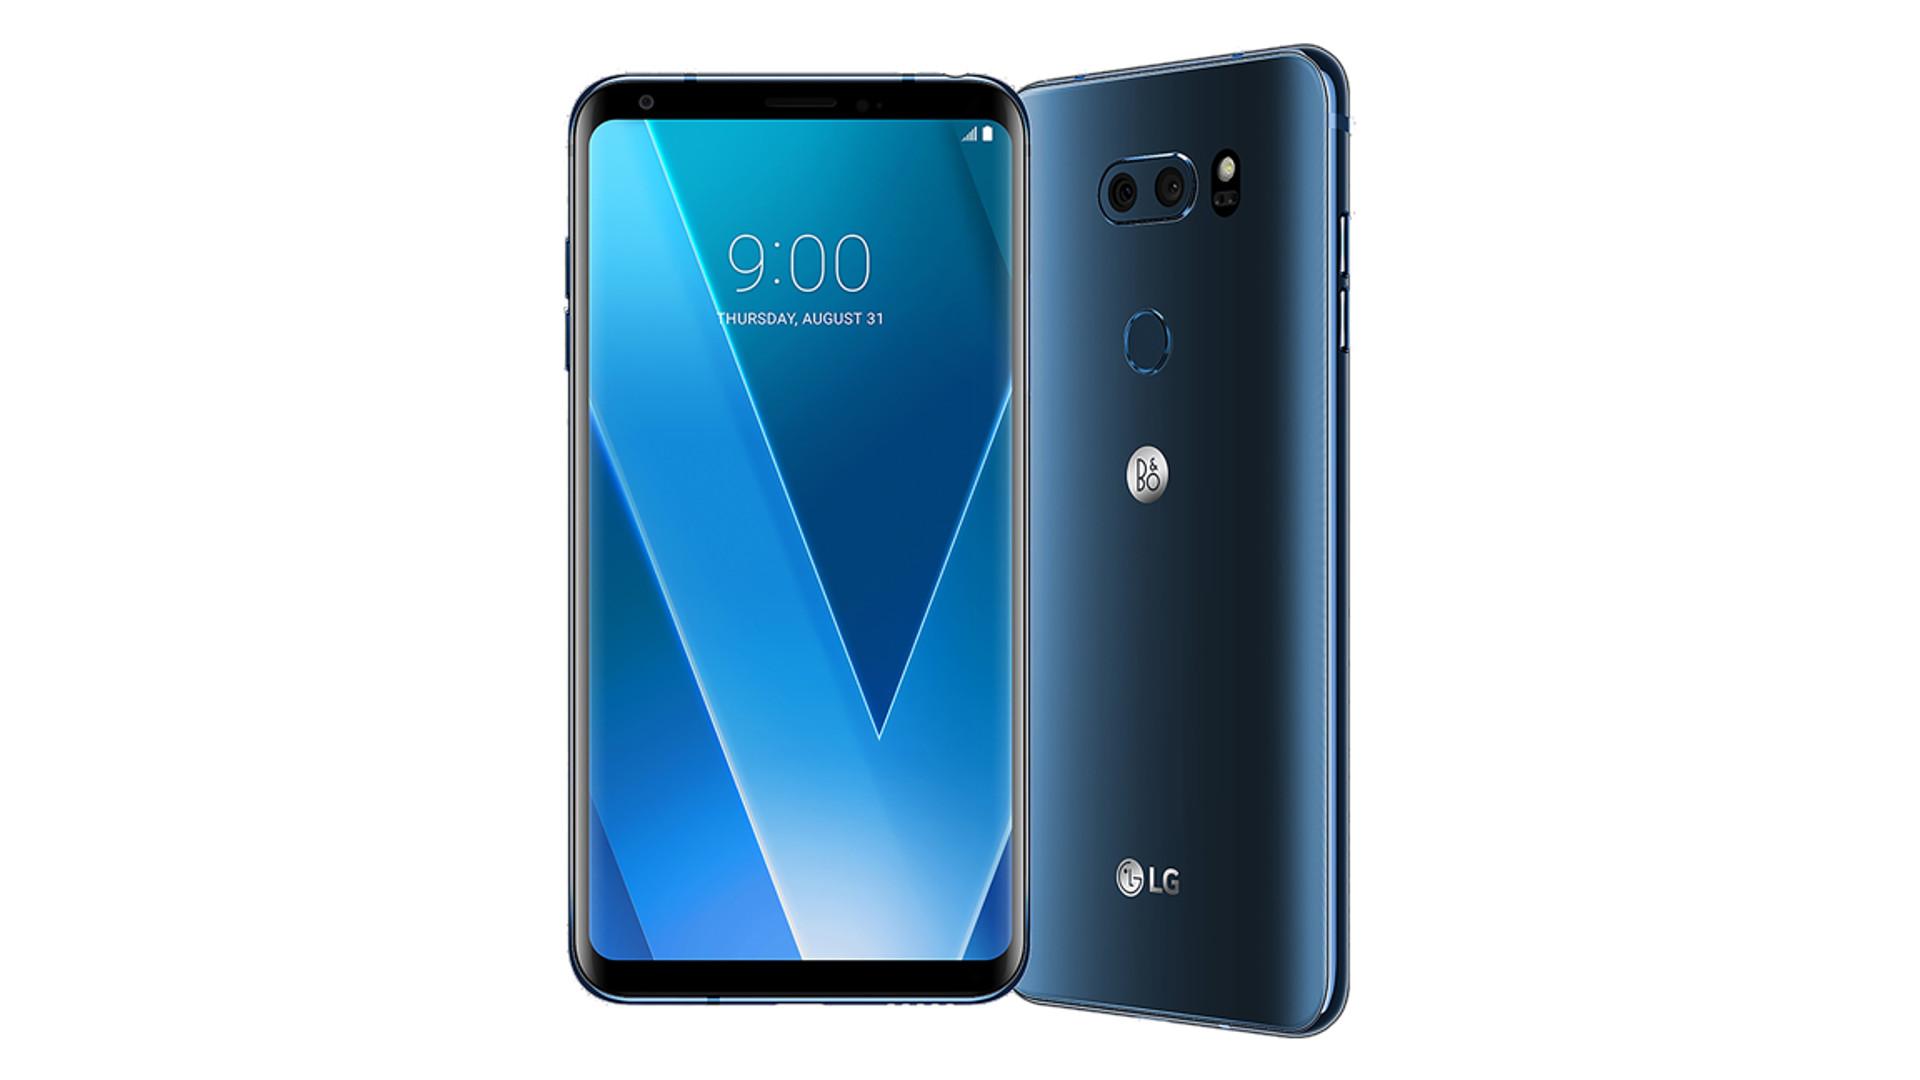 🔥 Bon plan : le LG V30 est aujourd'hui disponible à 549 euros